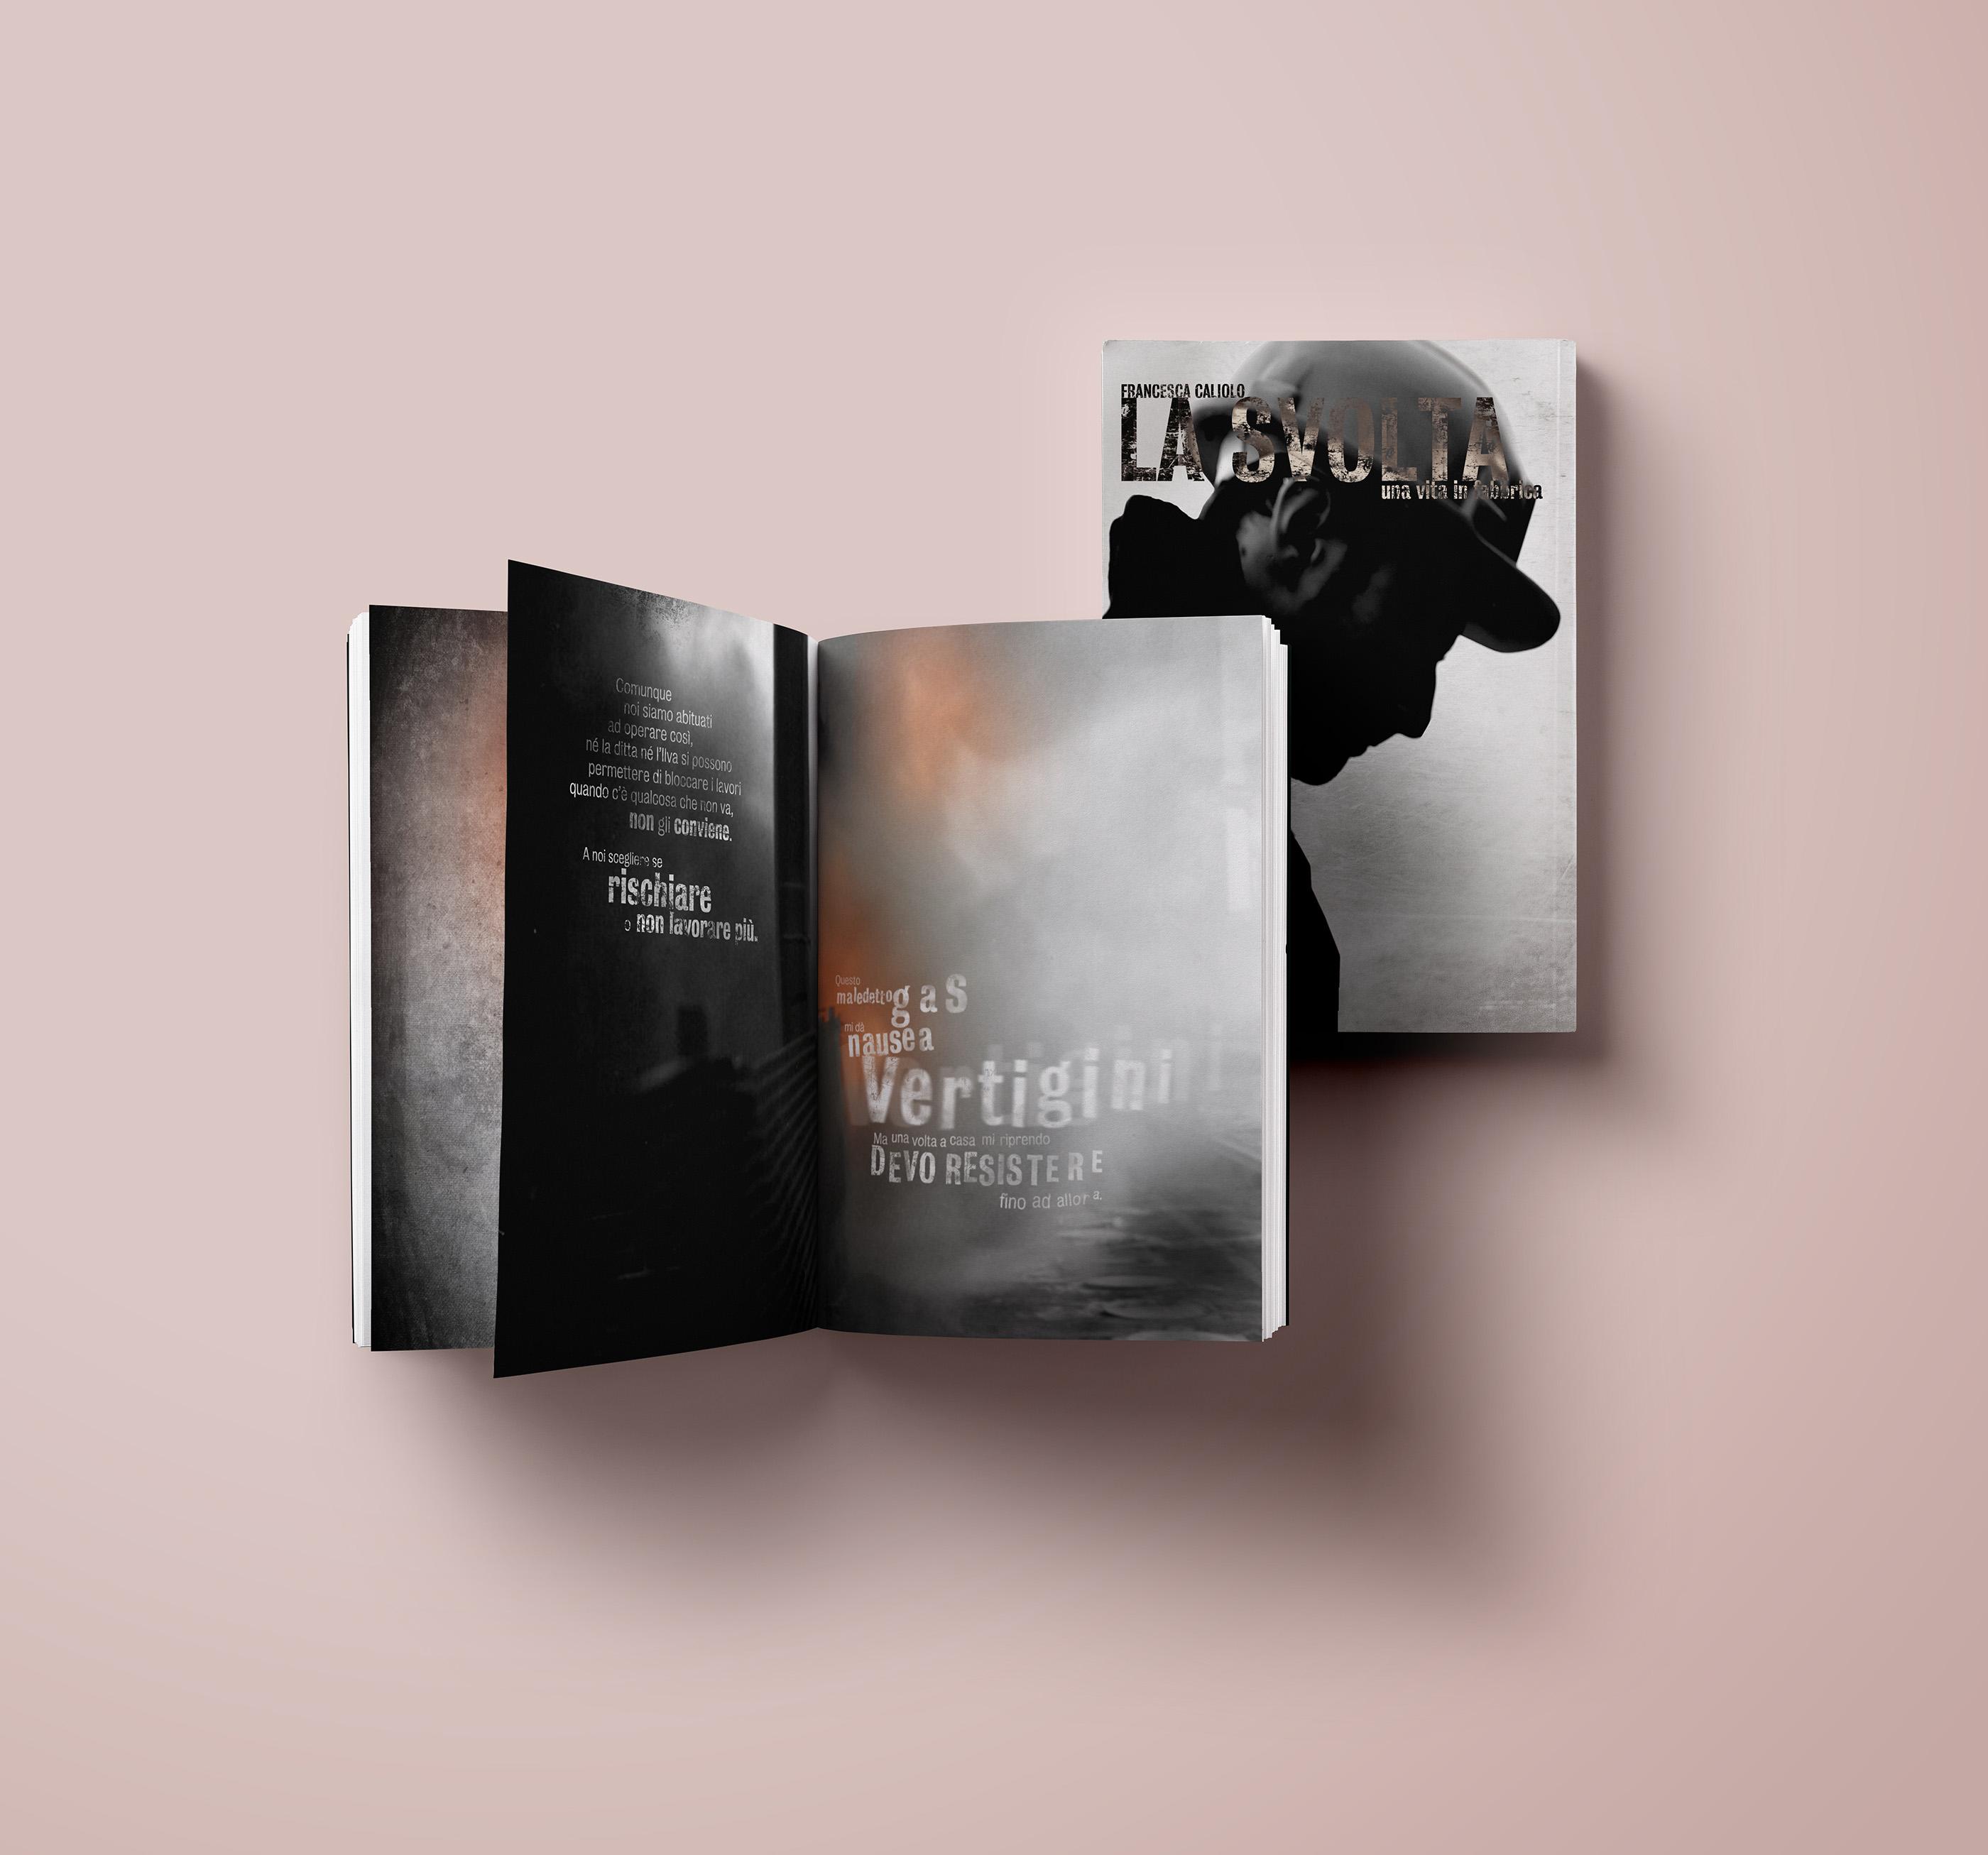 La Svolta Cover